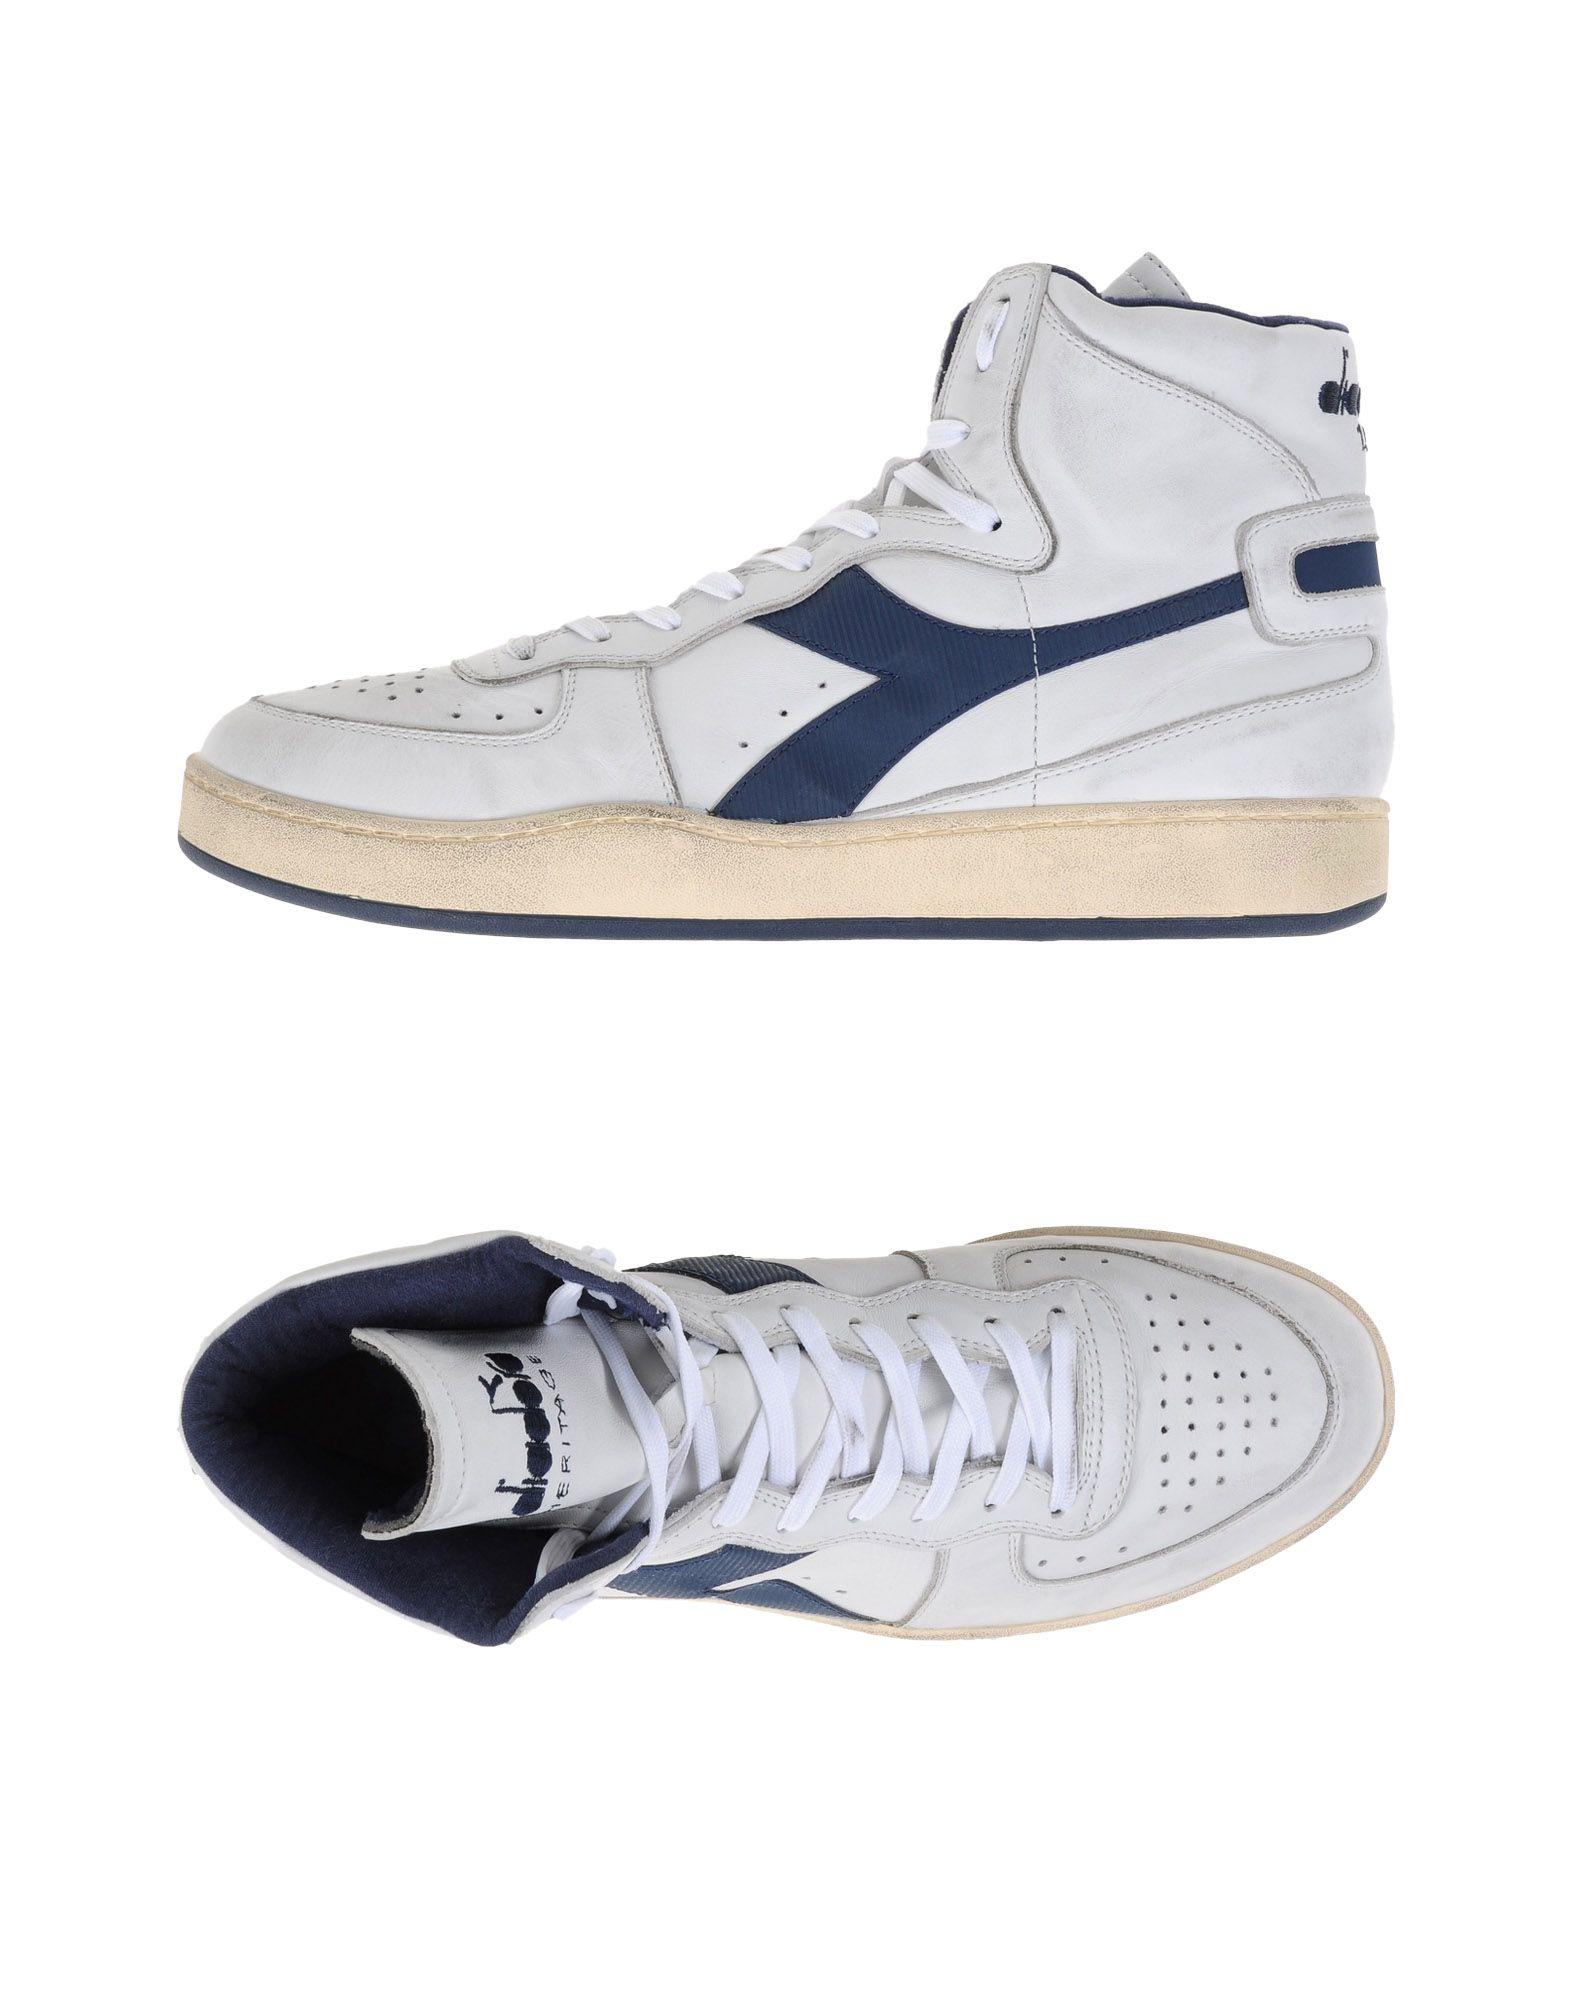 Sneakers Diadora Heritage Mi Basket Used - Homme - Sneakers Diadora Heritage sur